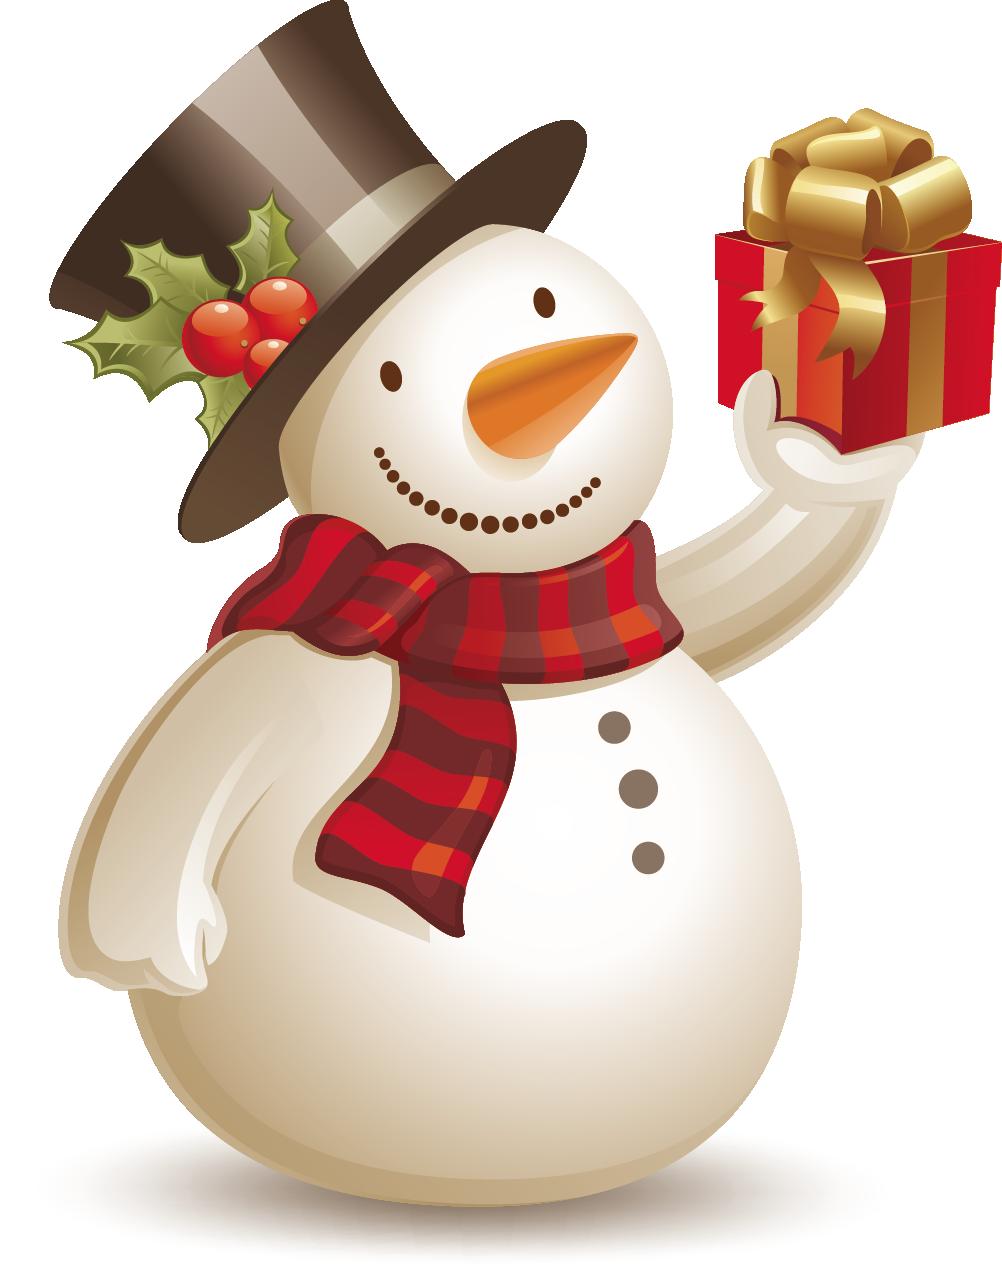 Snowman Transparent Images PNG SVG Clip arts